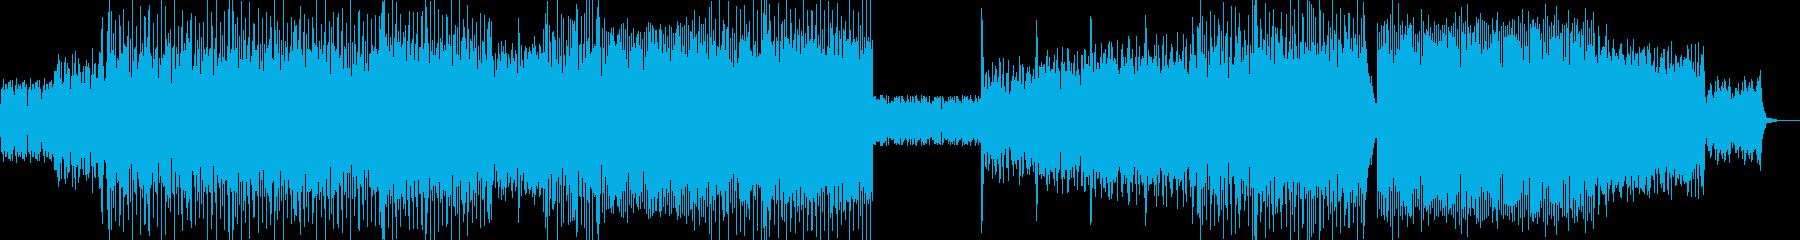 【変拍子】急いで謎をとかなくちゃ!の再生済みの波形